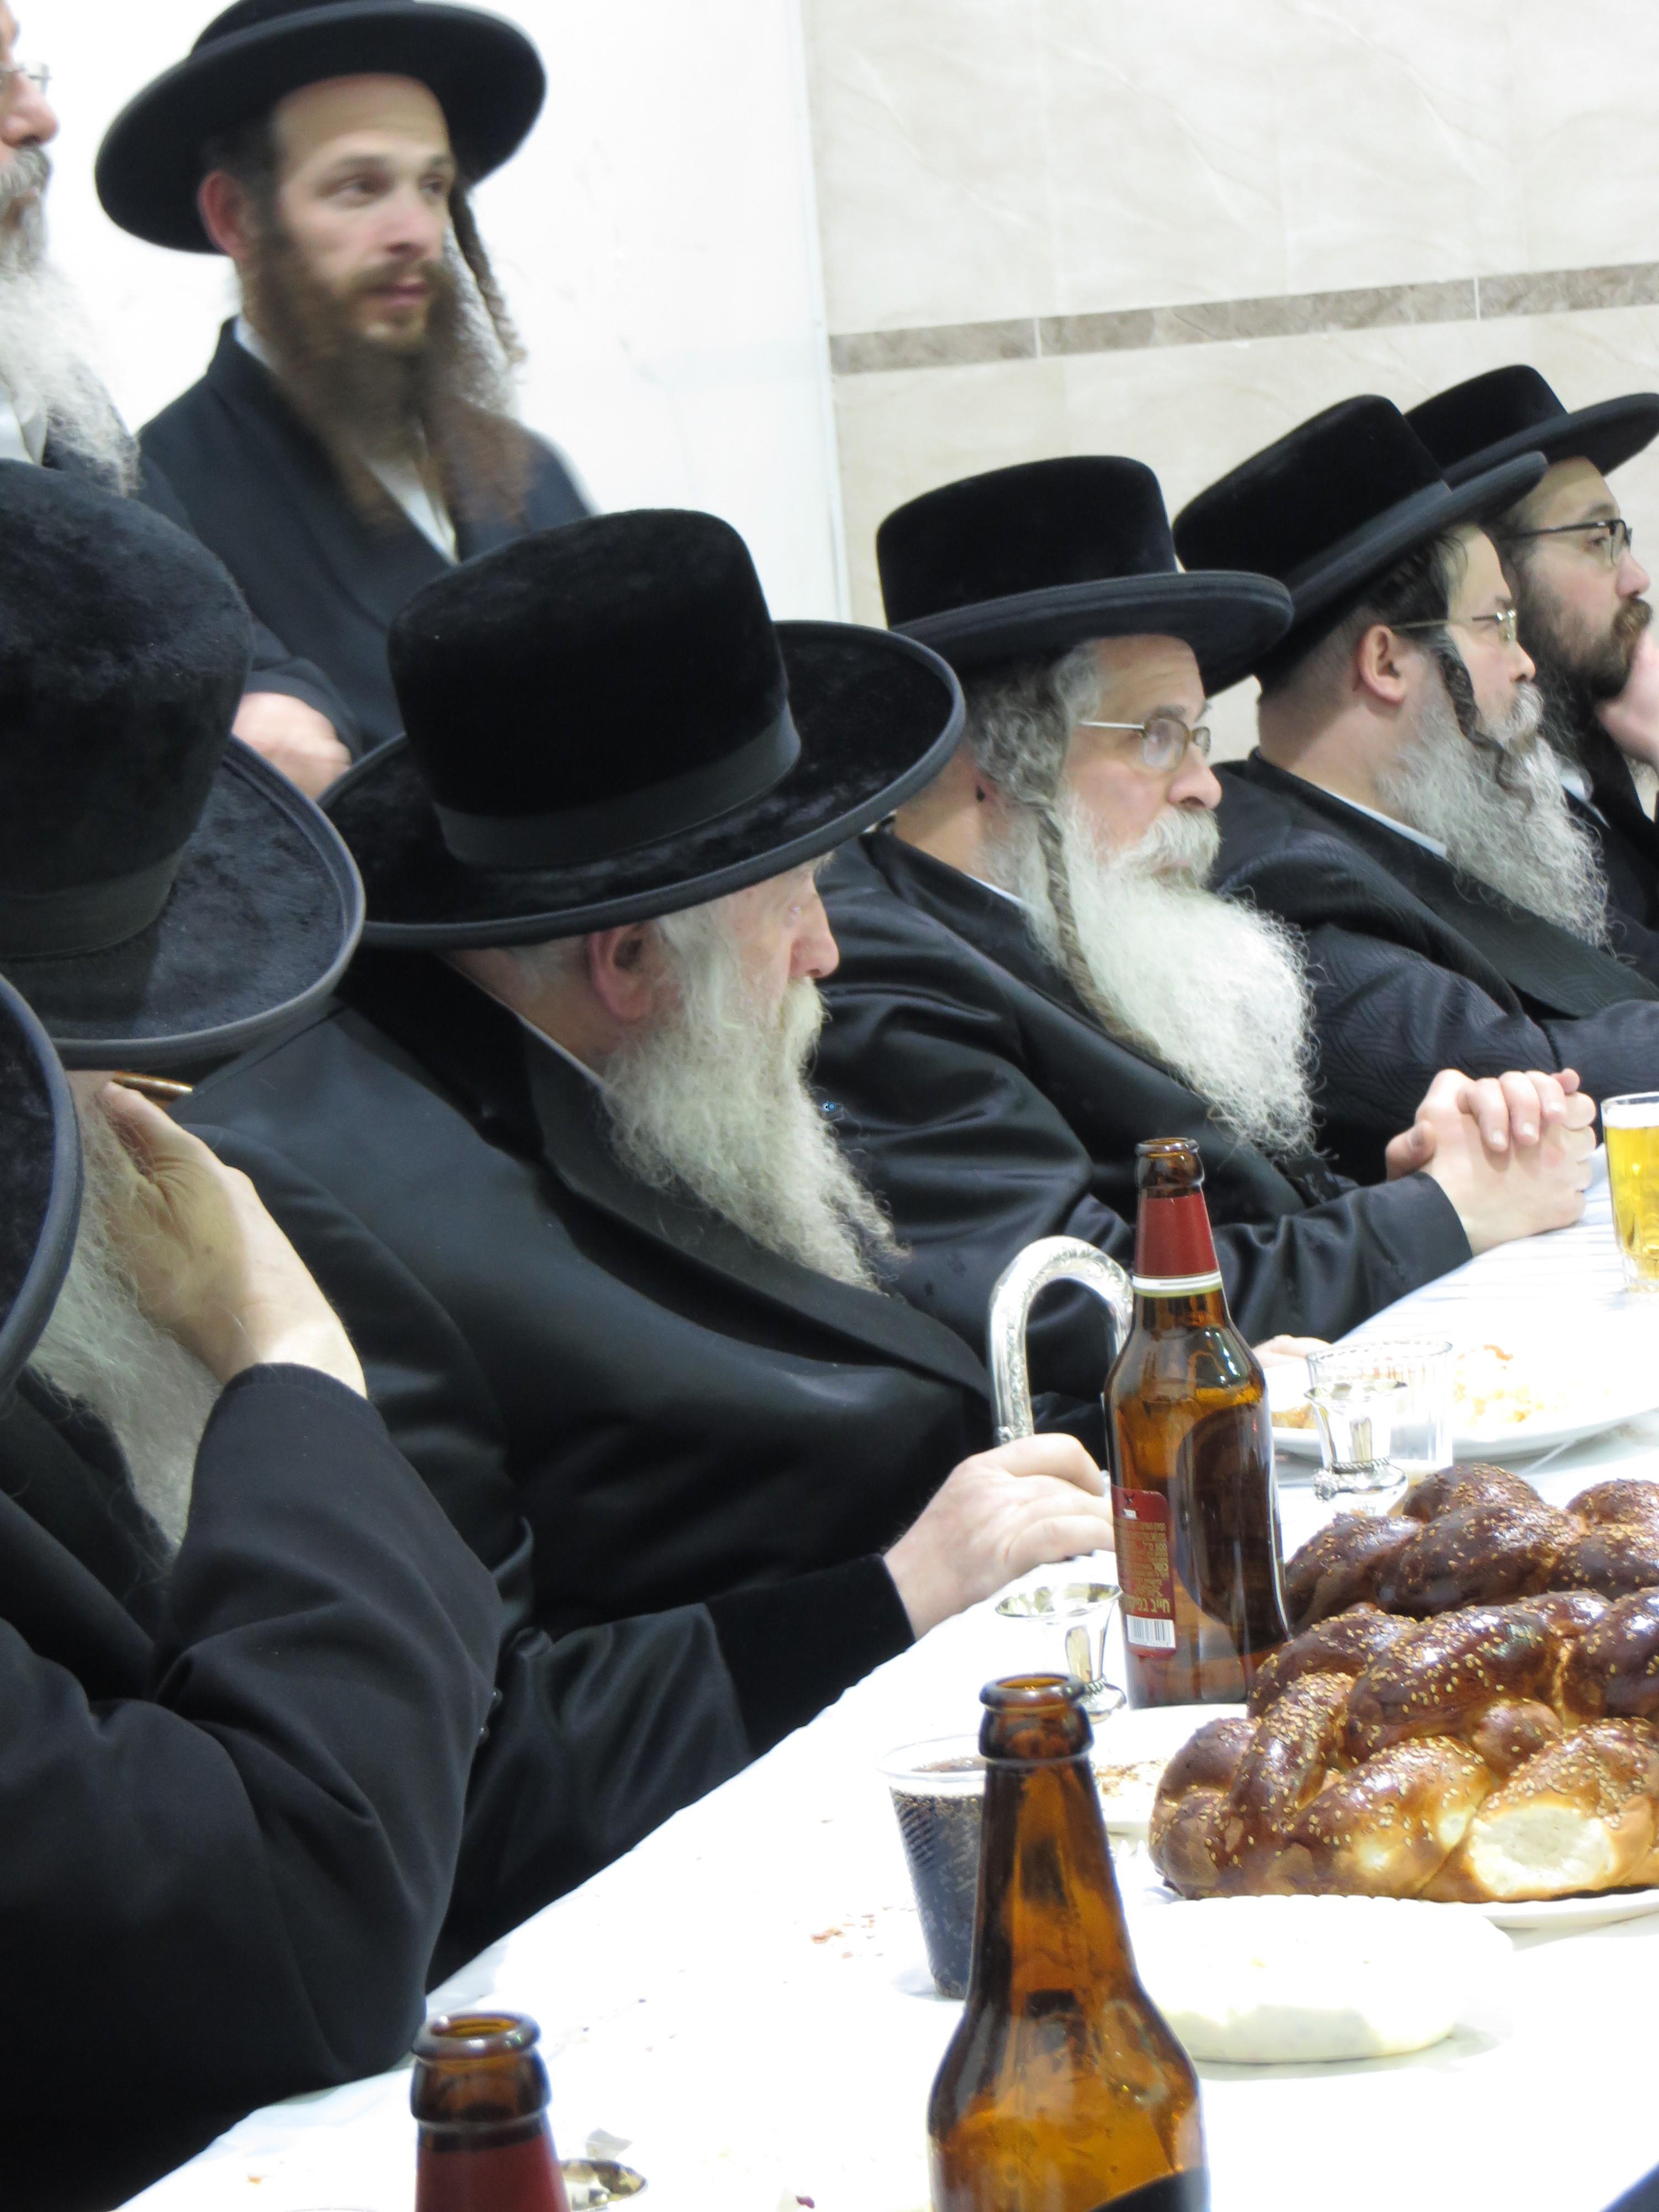 נדבורנא ירושלים בהילולת אביו צילם מוטי (9)